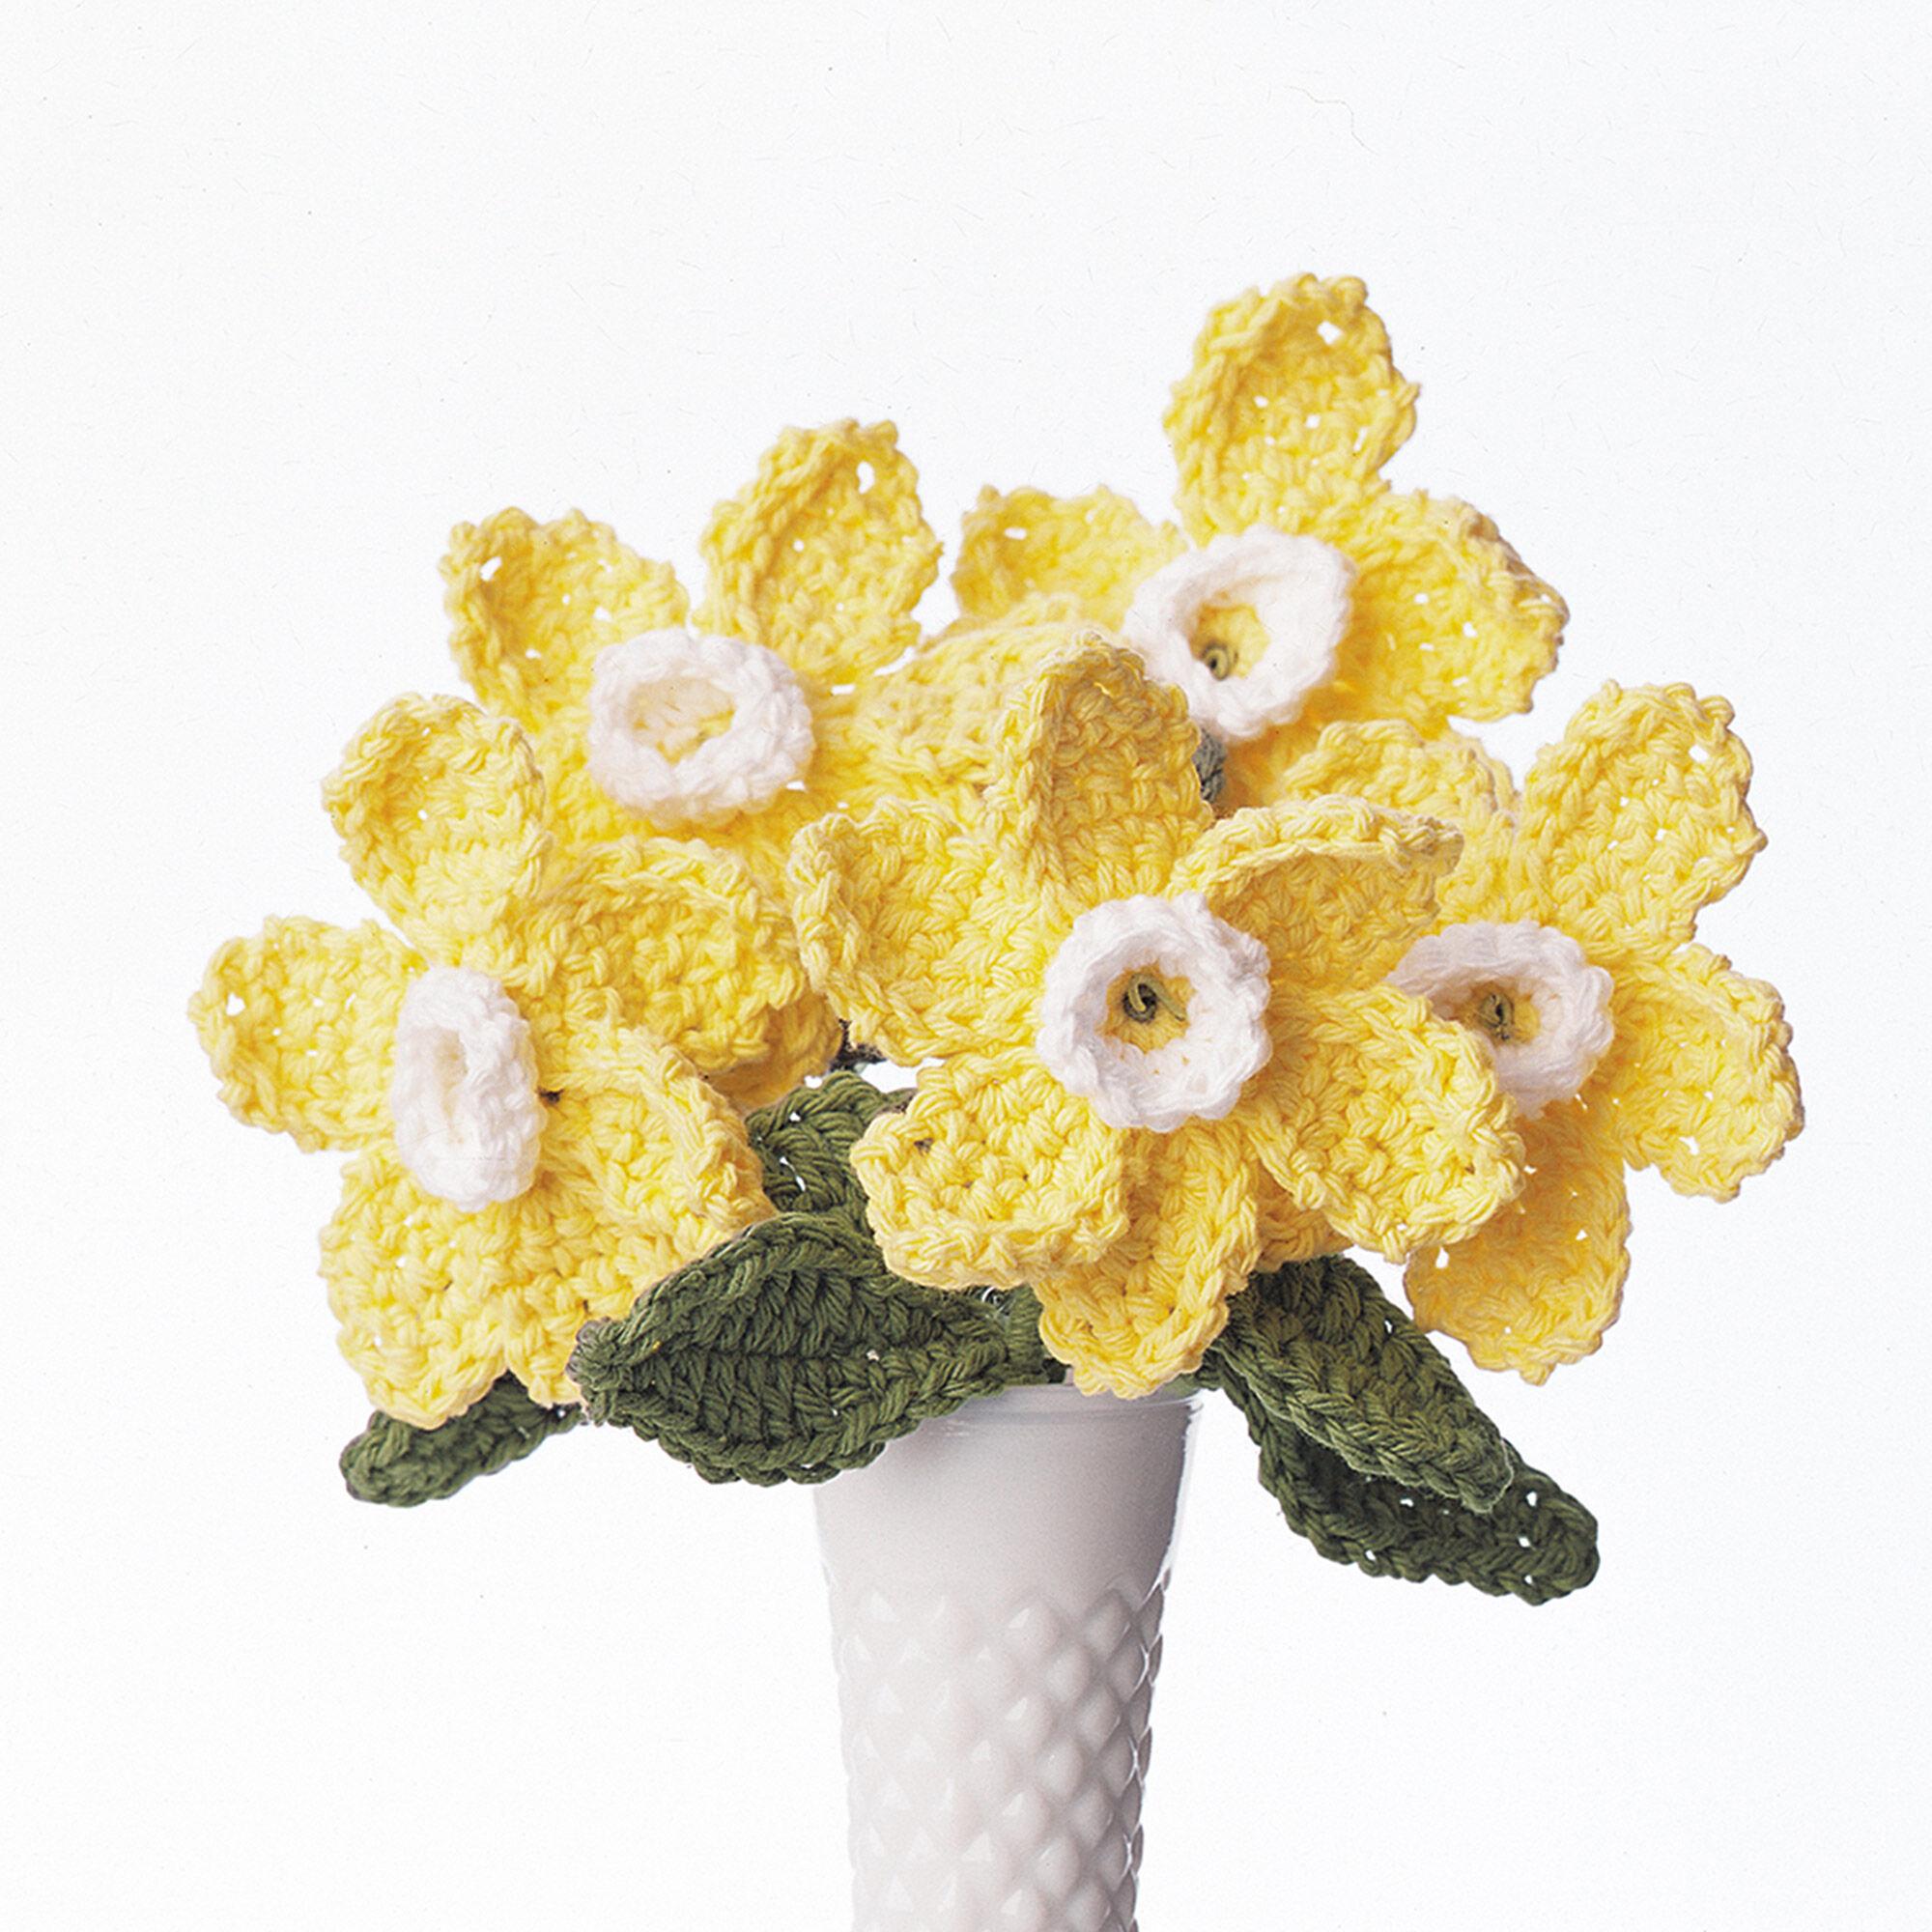 Lily Sugarn Cream Daffodil Crochet Bouquet Yarnspirations